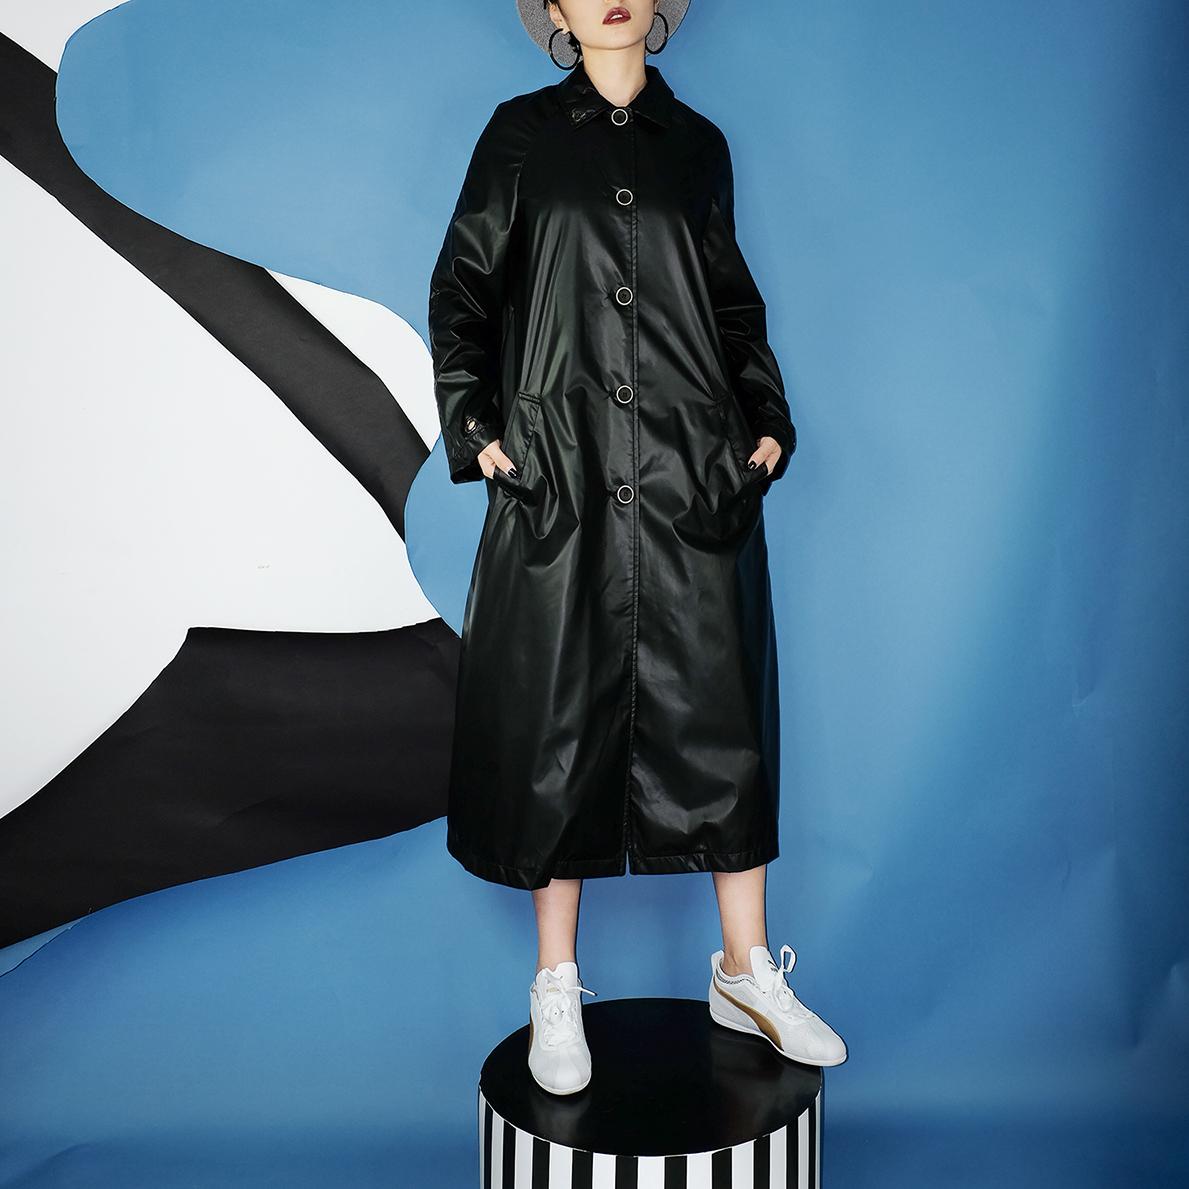 单排扣风衣 moyasusu 2016 独家设计 廓形长款侦探风衣 纯黑色 薄款防雨_推荐淘宝好看的单排扣风衣